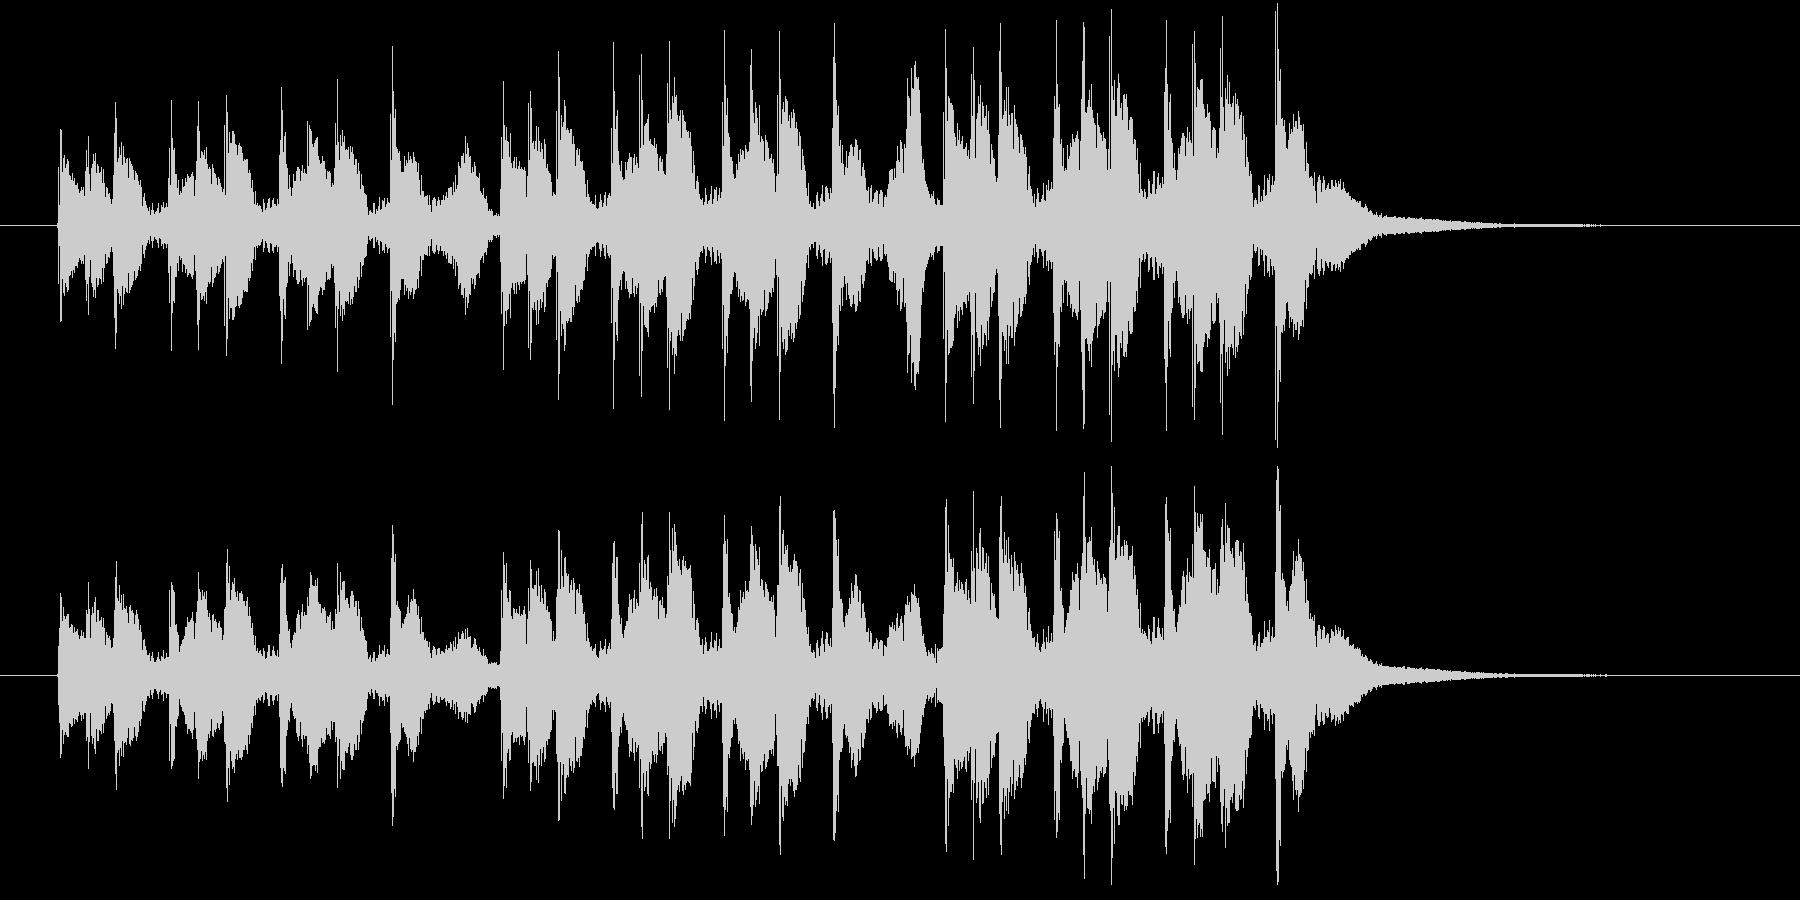 掛け声入りの三本締め(一本締め3回分)の未再生の波形